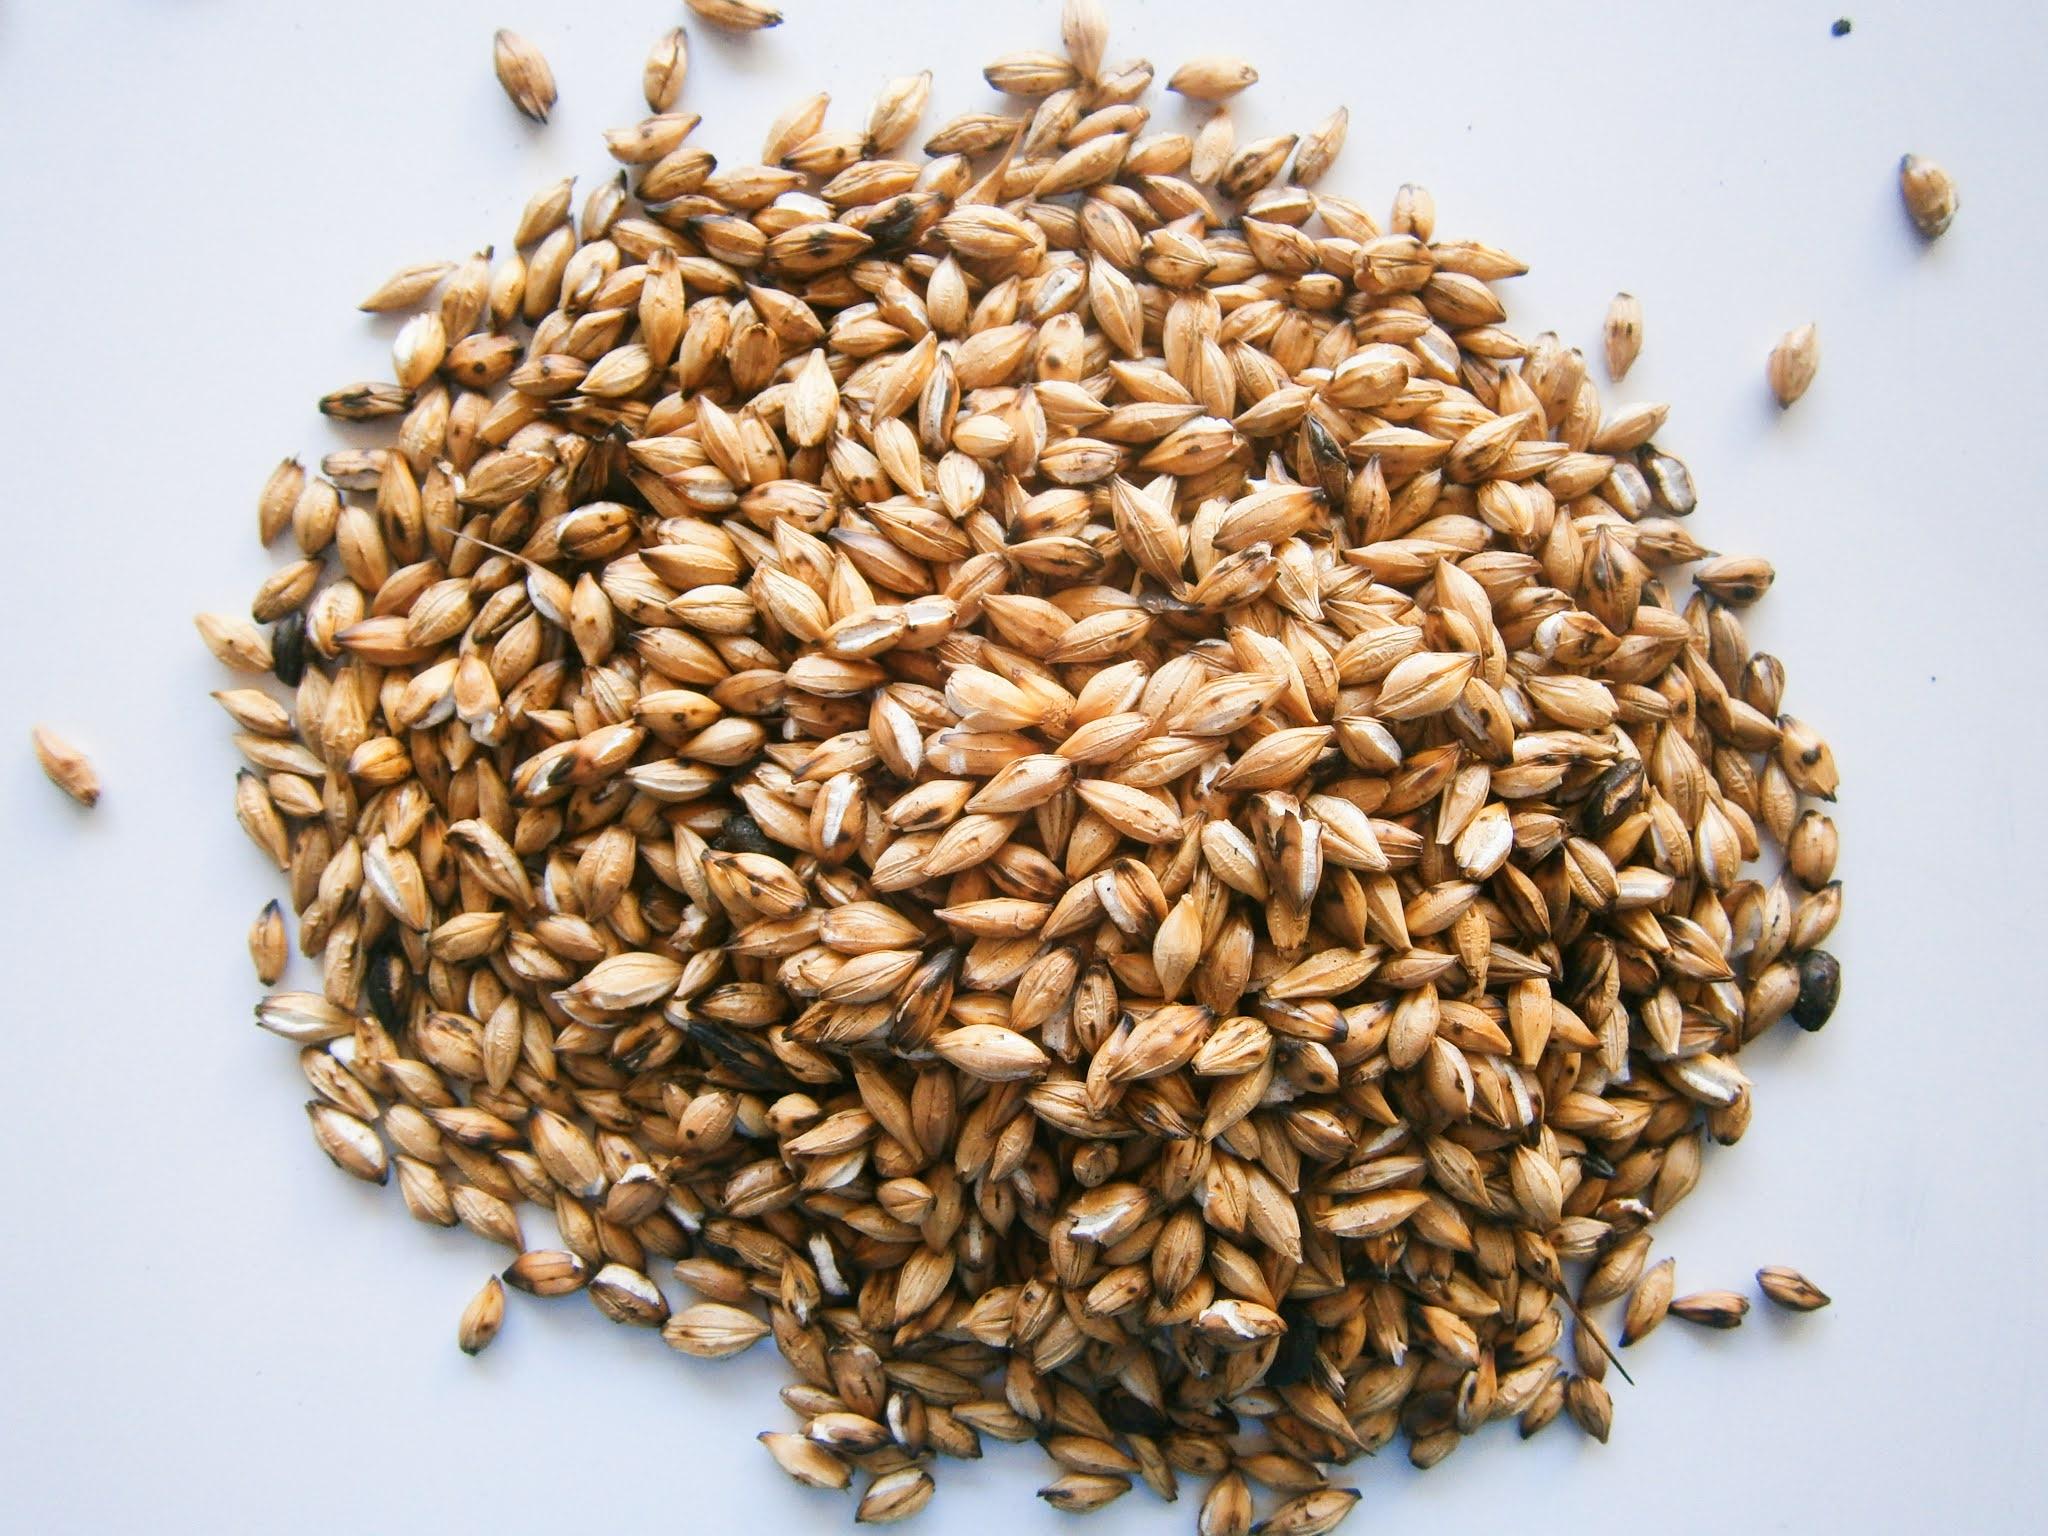 Semillas de cebada sin cocinar